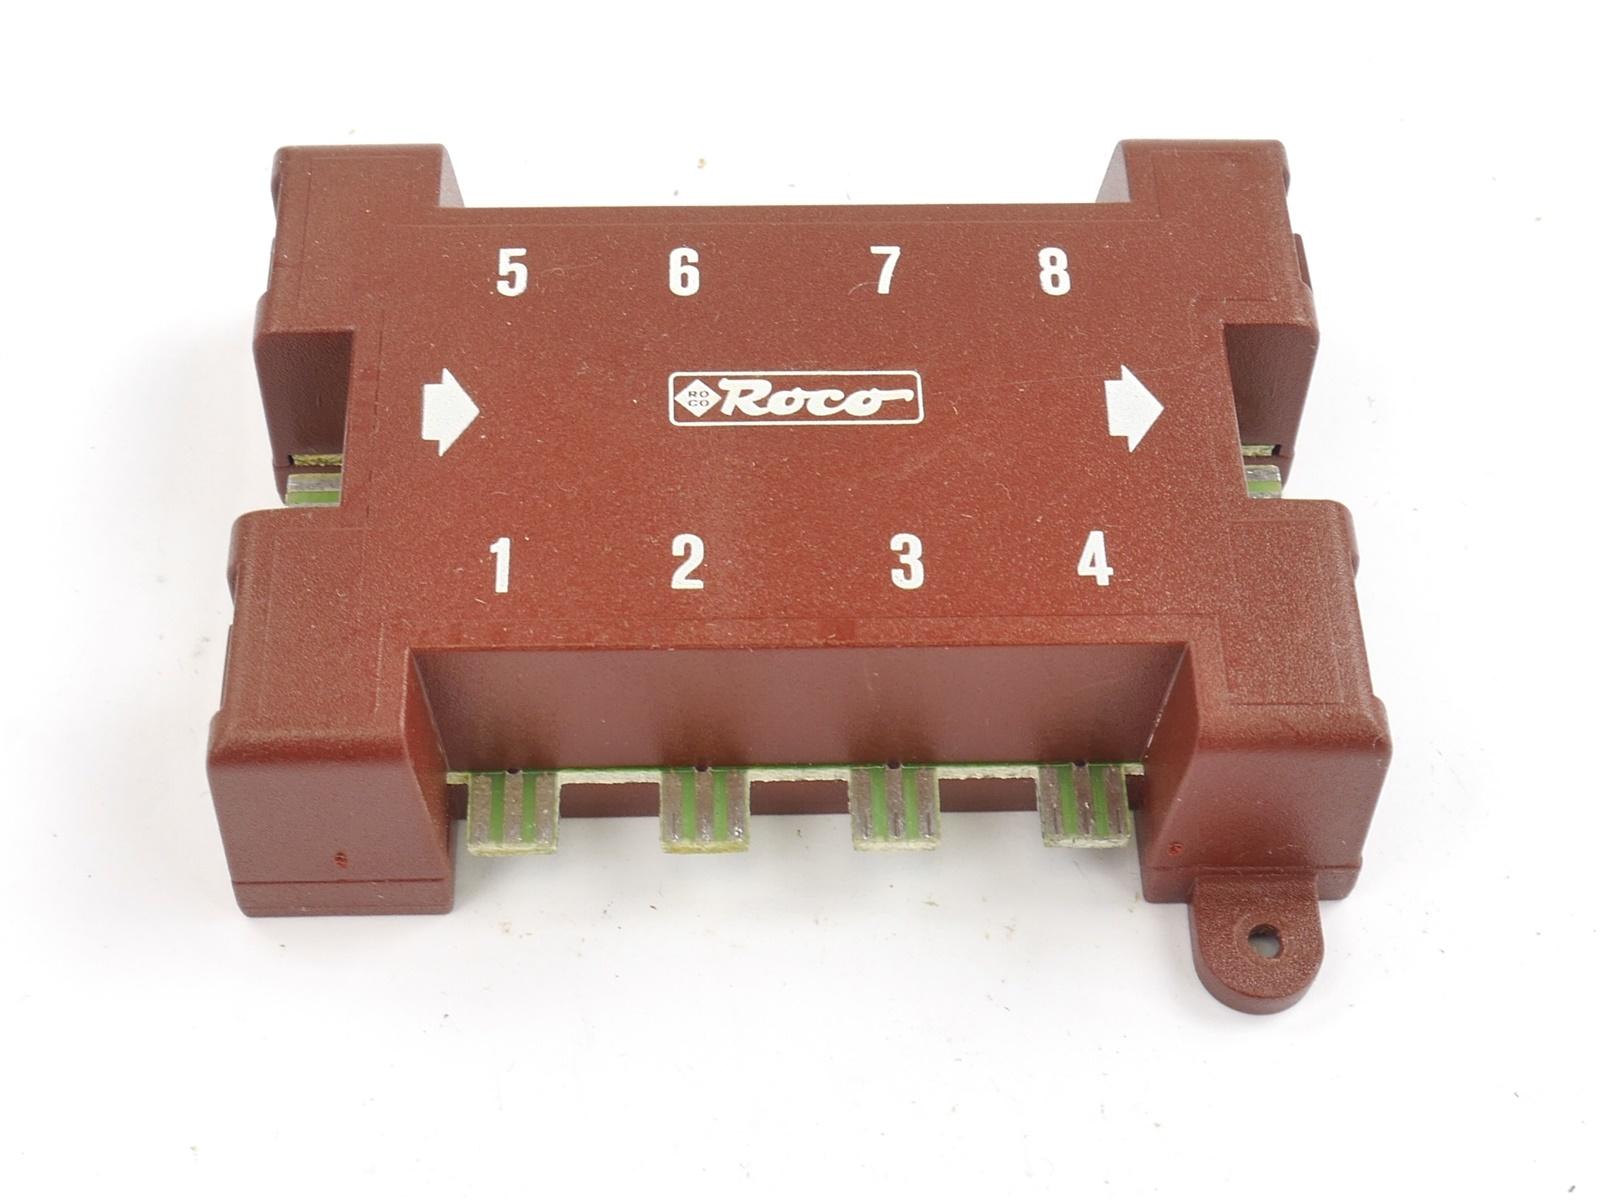 E163 Roco H0 N 10212 Zubehör Gleisbildstellpult Gleisbildstellwerk Anzeigemodul